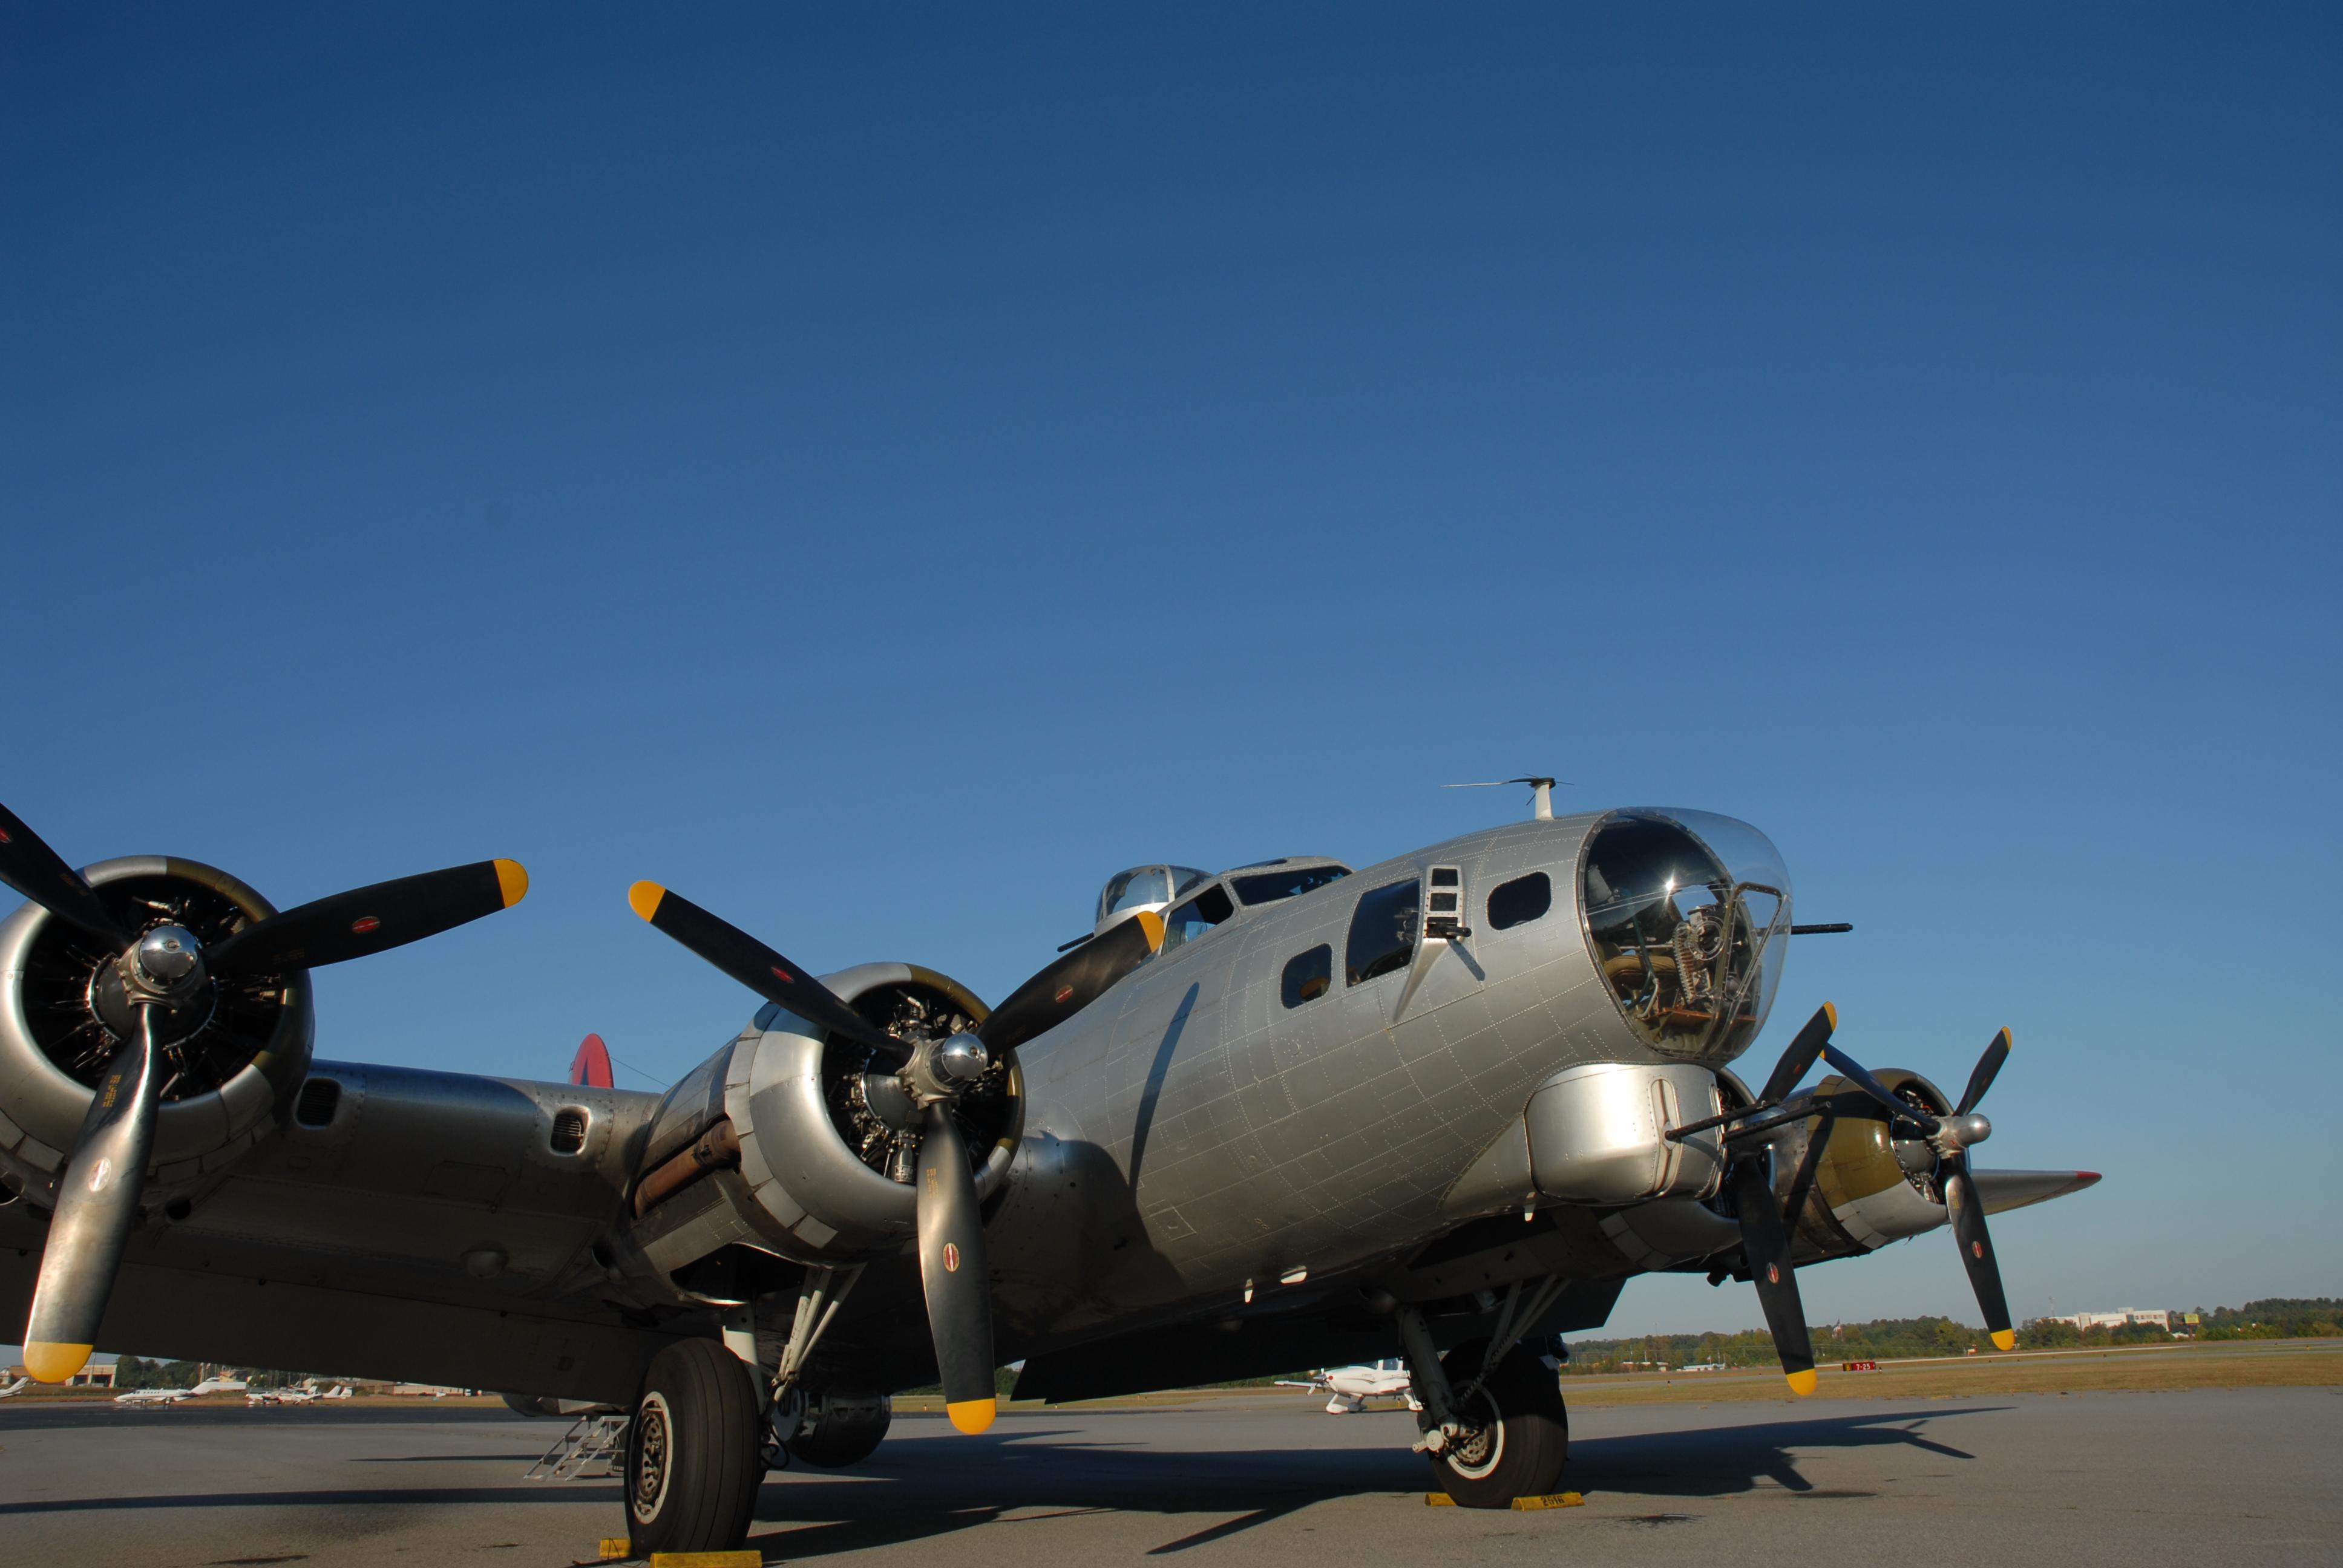 World War II B-17 Bomber, Aluminum Overcast